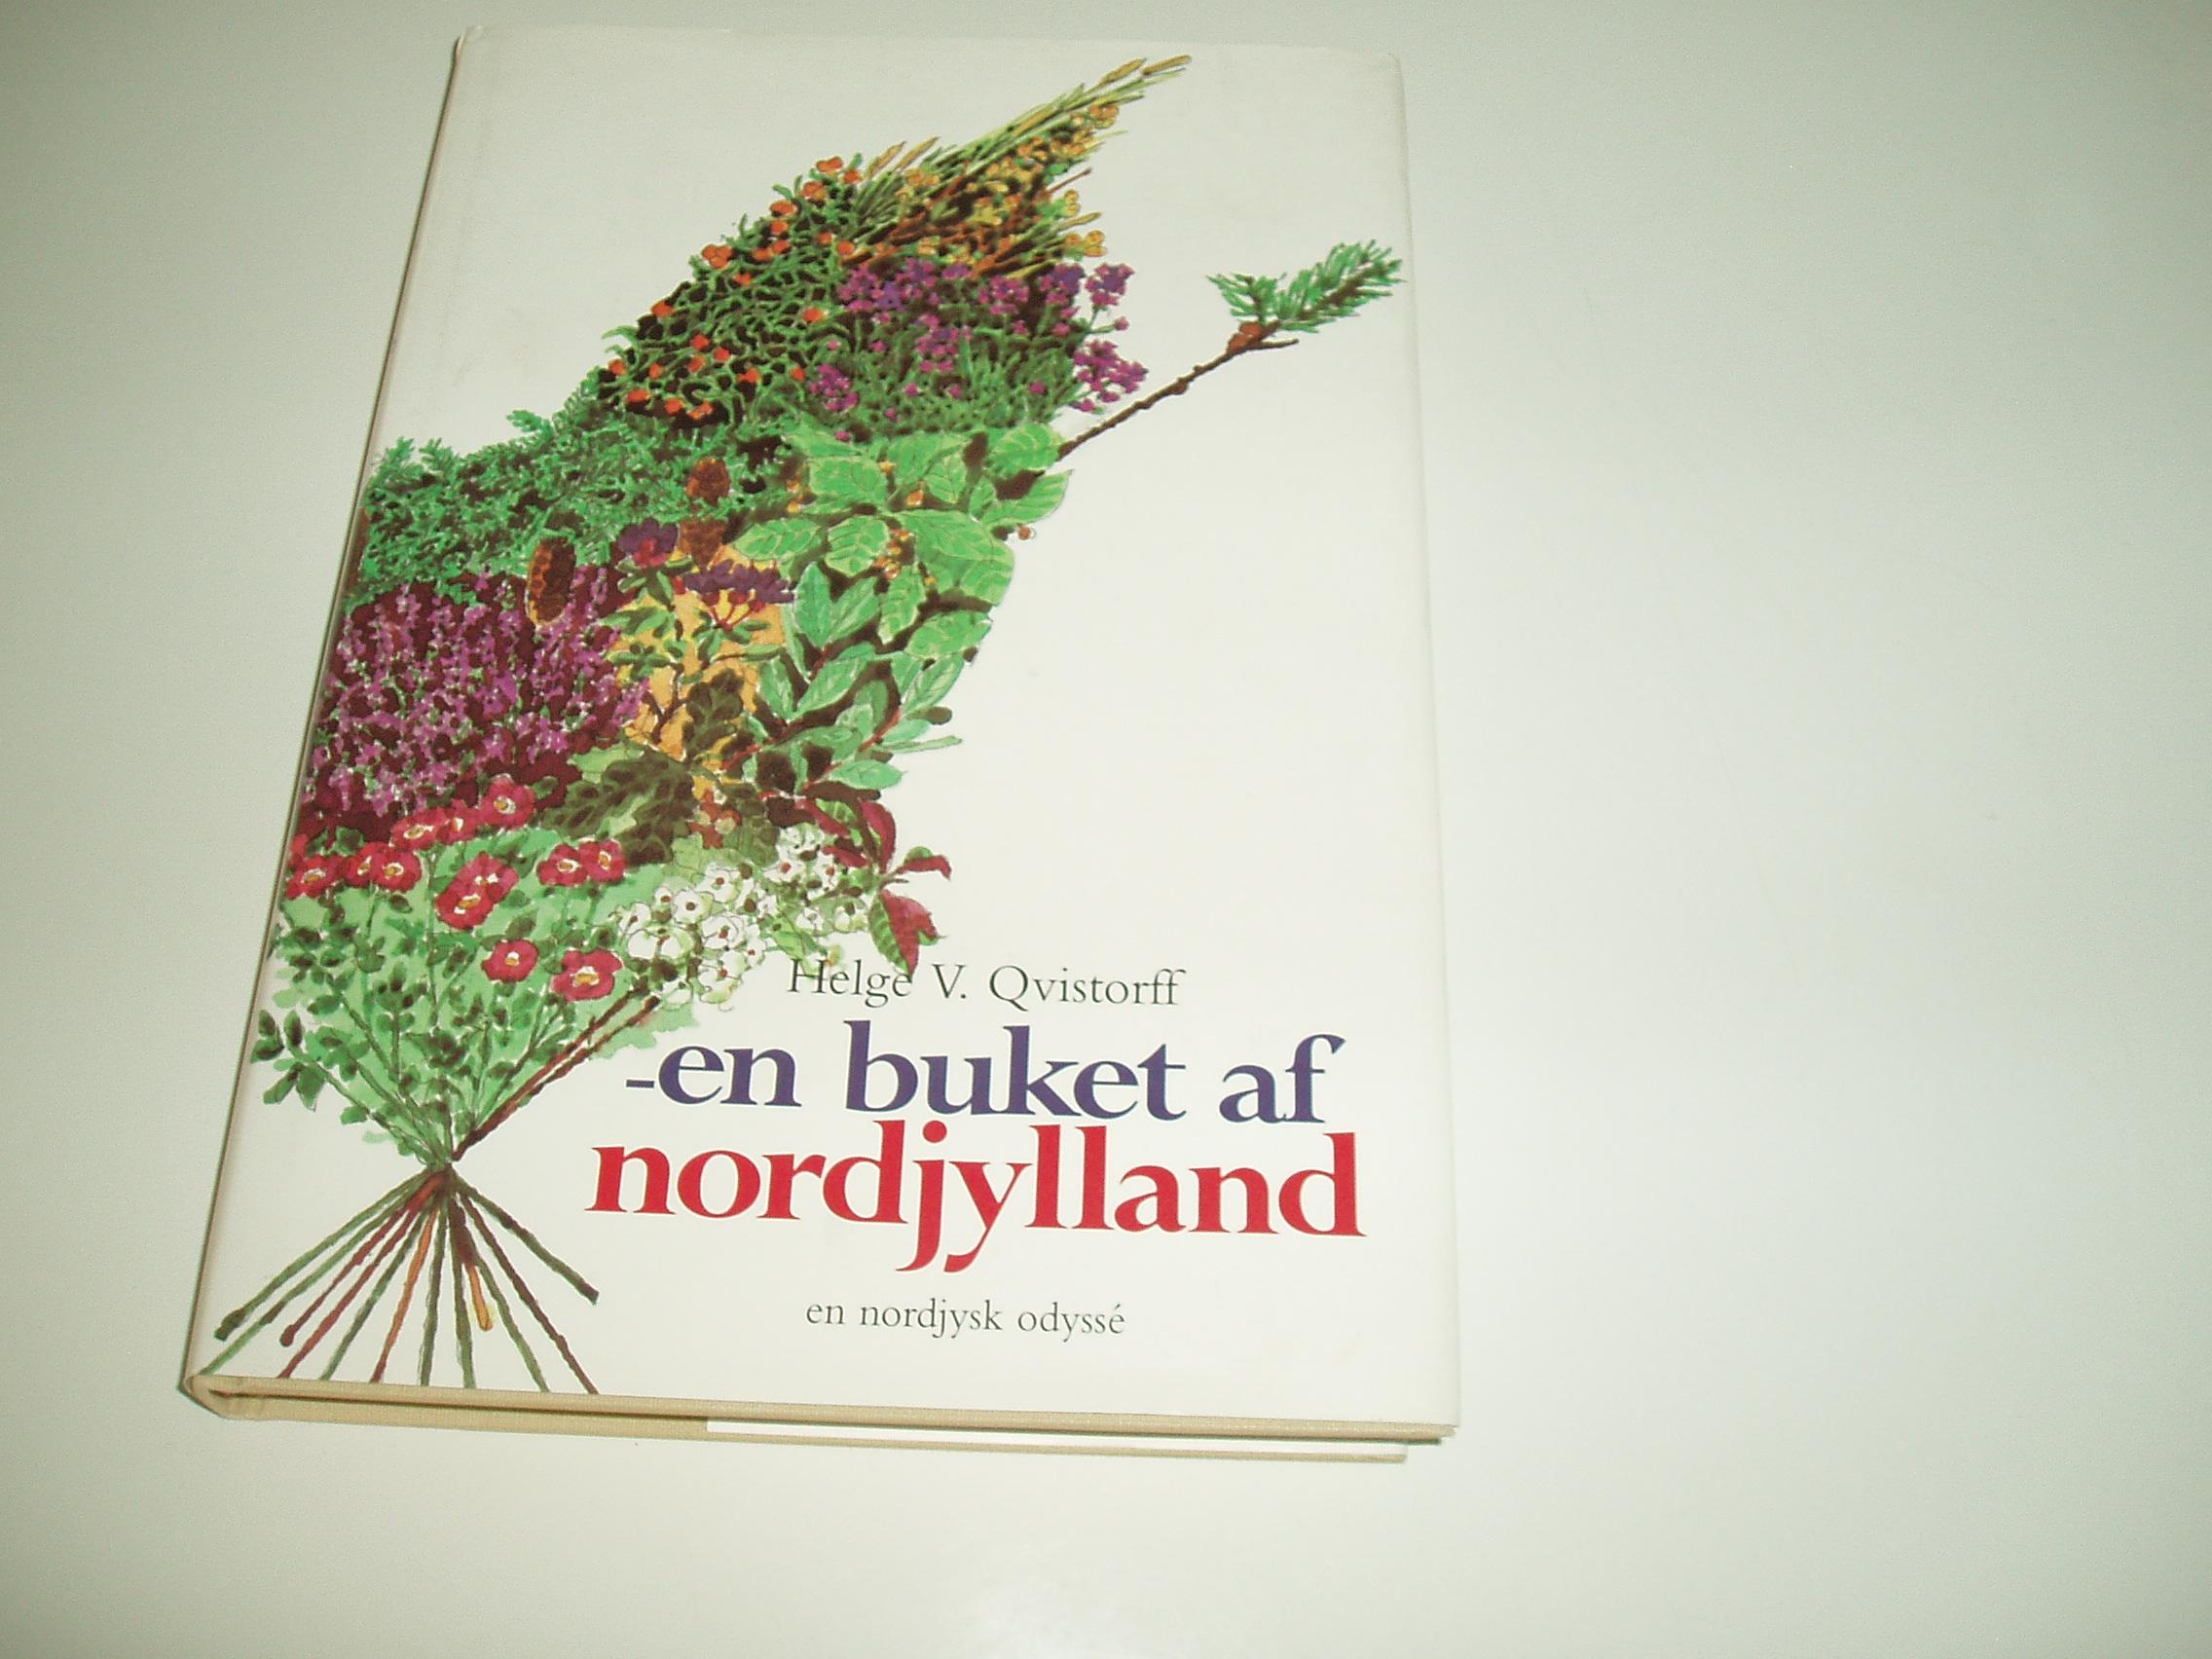 - en buket af Nordjylland. En nordjysk odyssé